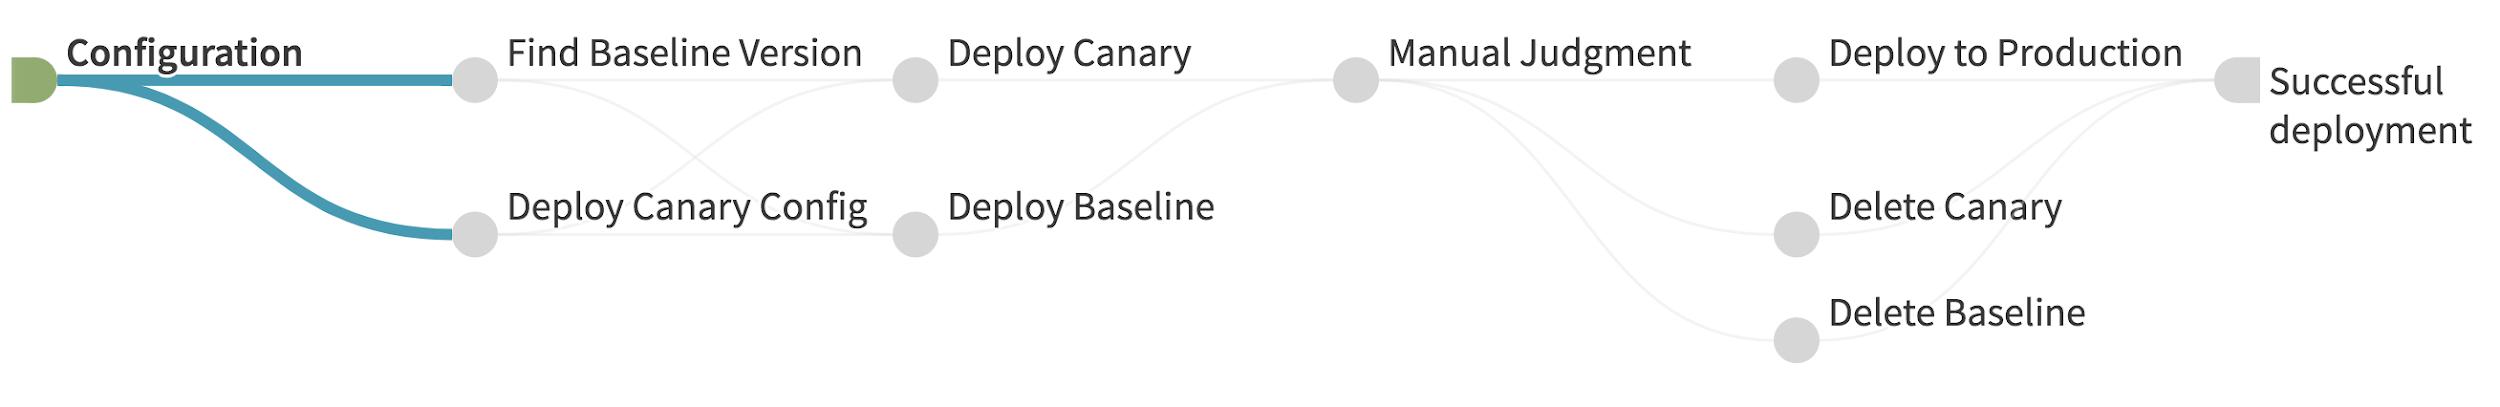 カナリア デプロイ パイプラインのステージの図。